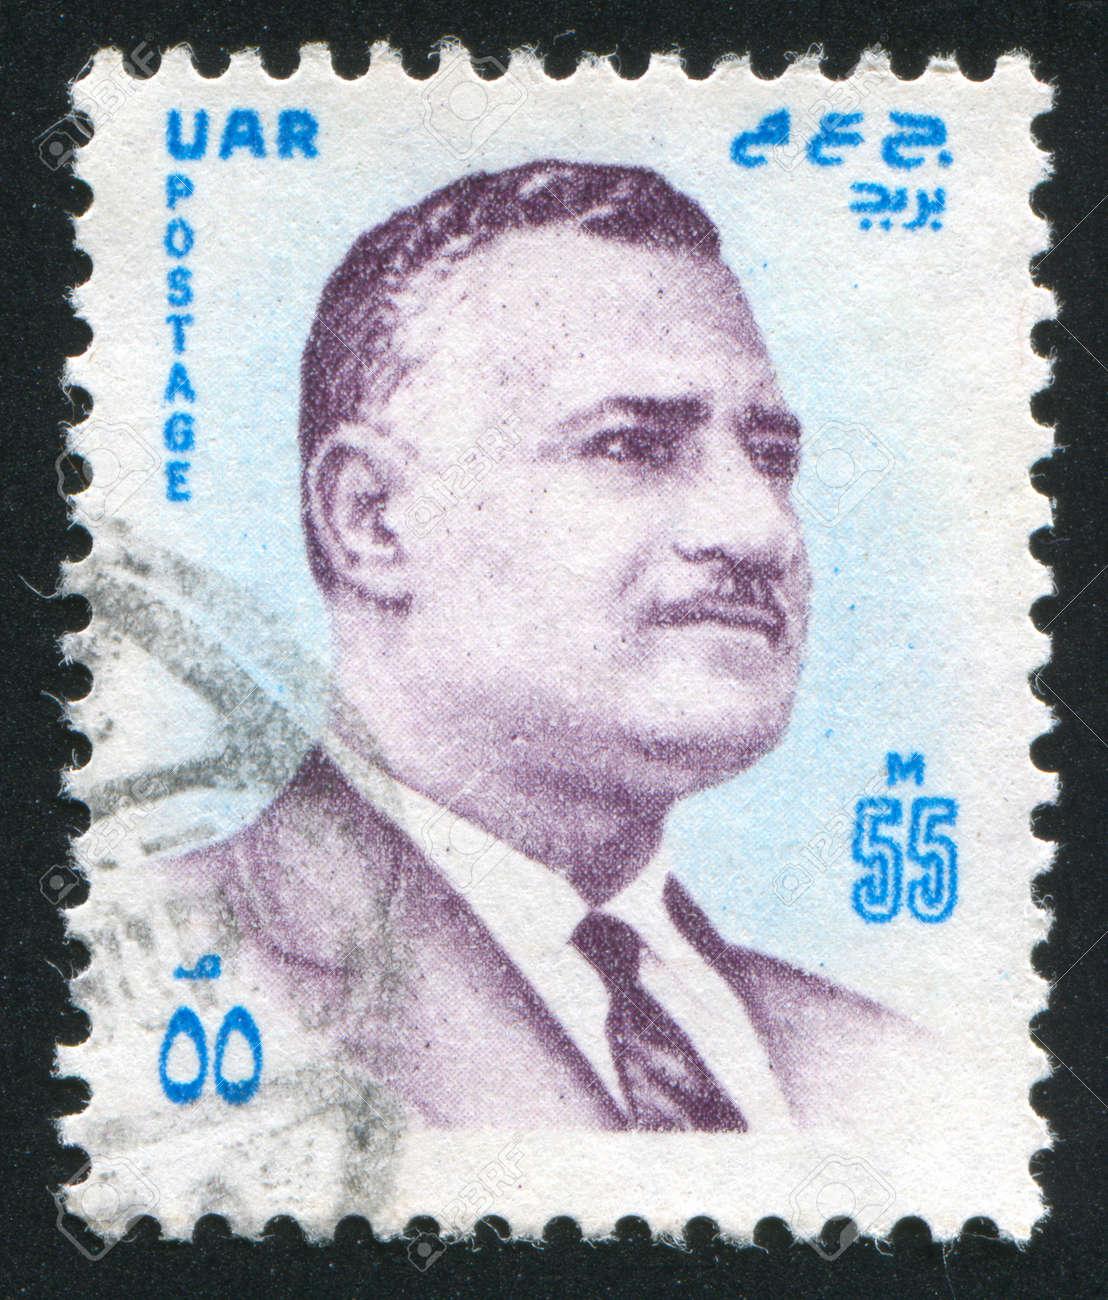 エジプト - 1971 年頃: 切手が 1971 年頃、ショー ガマル アブデル ...